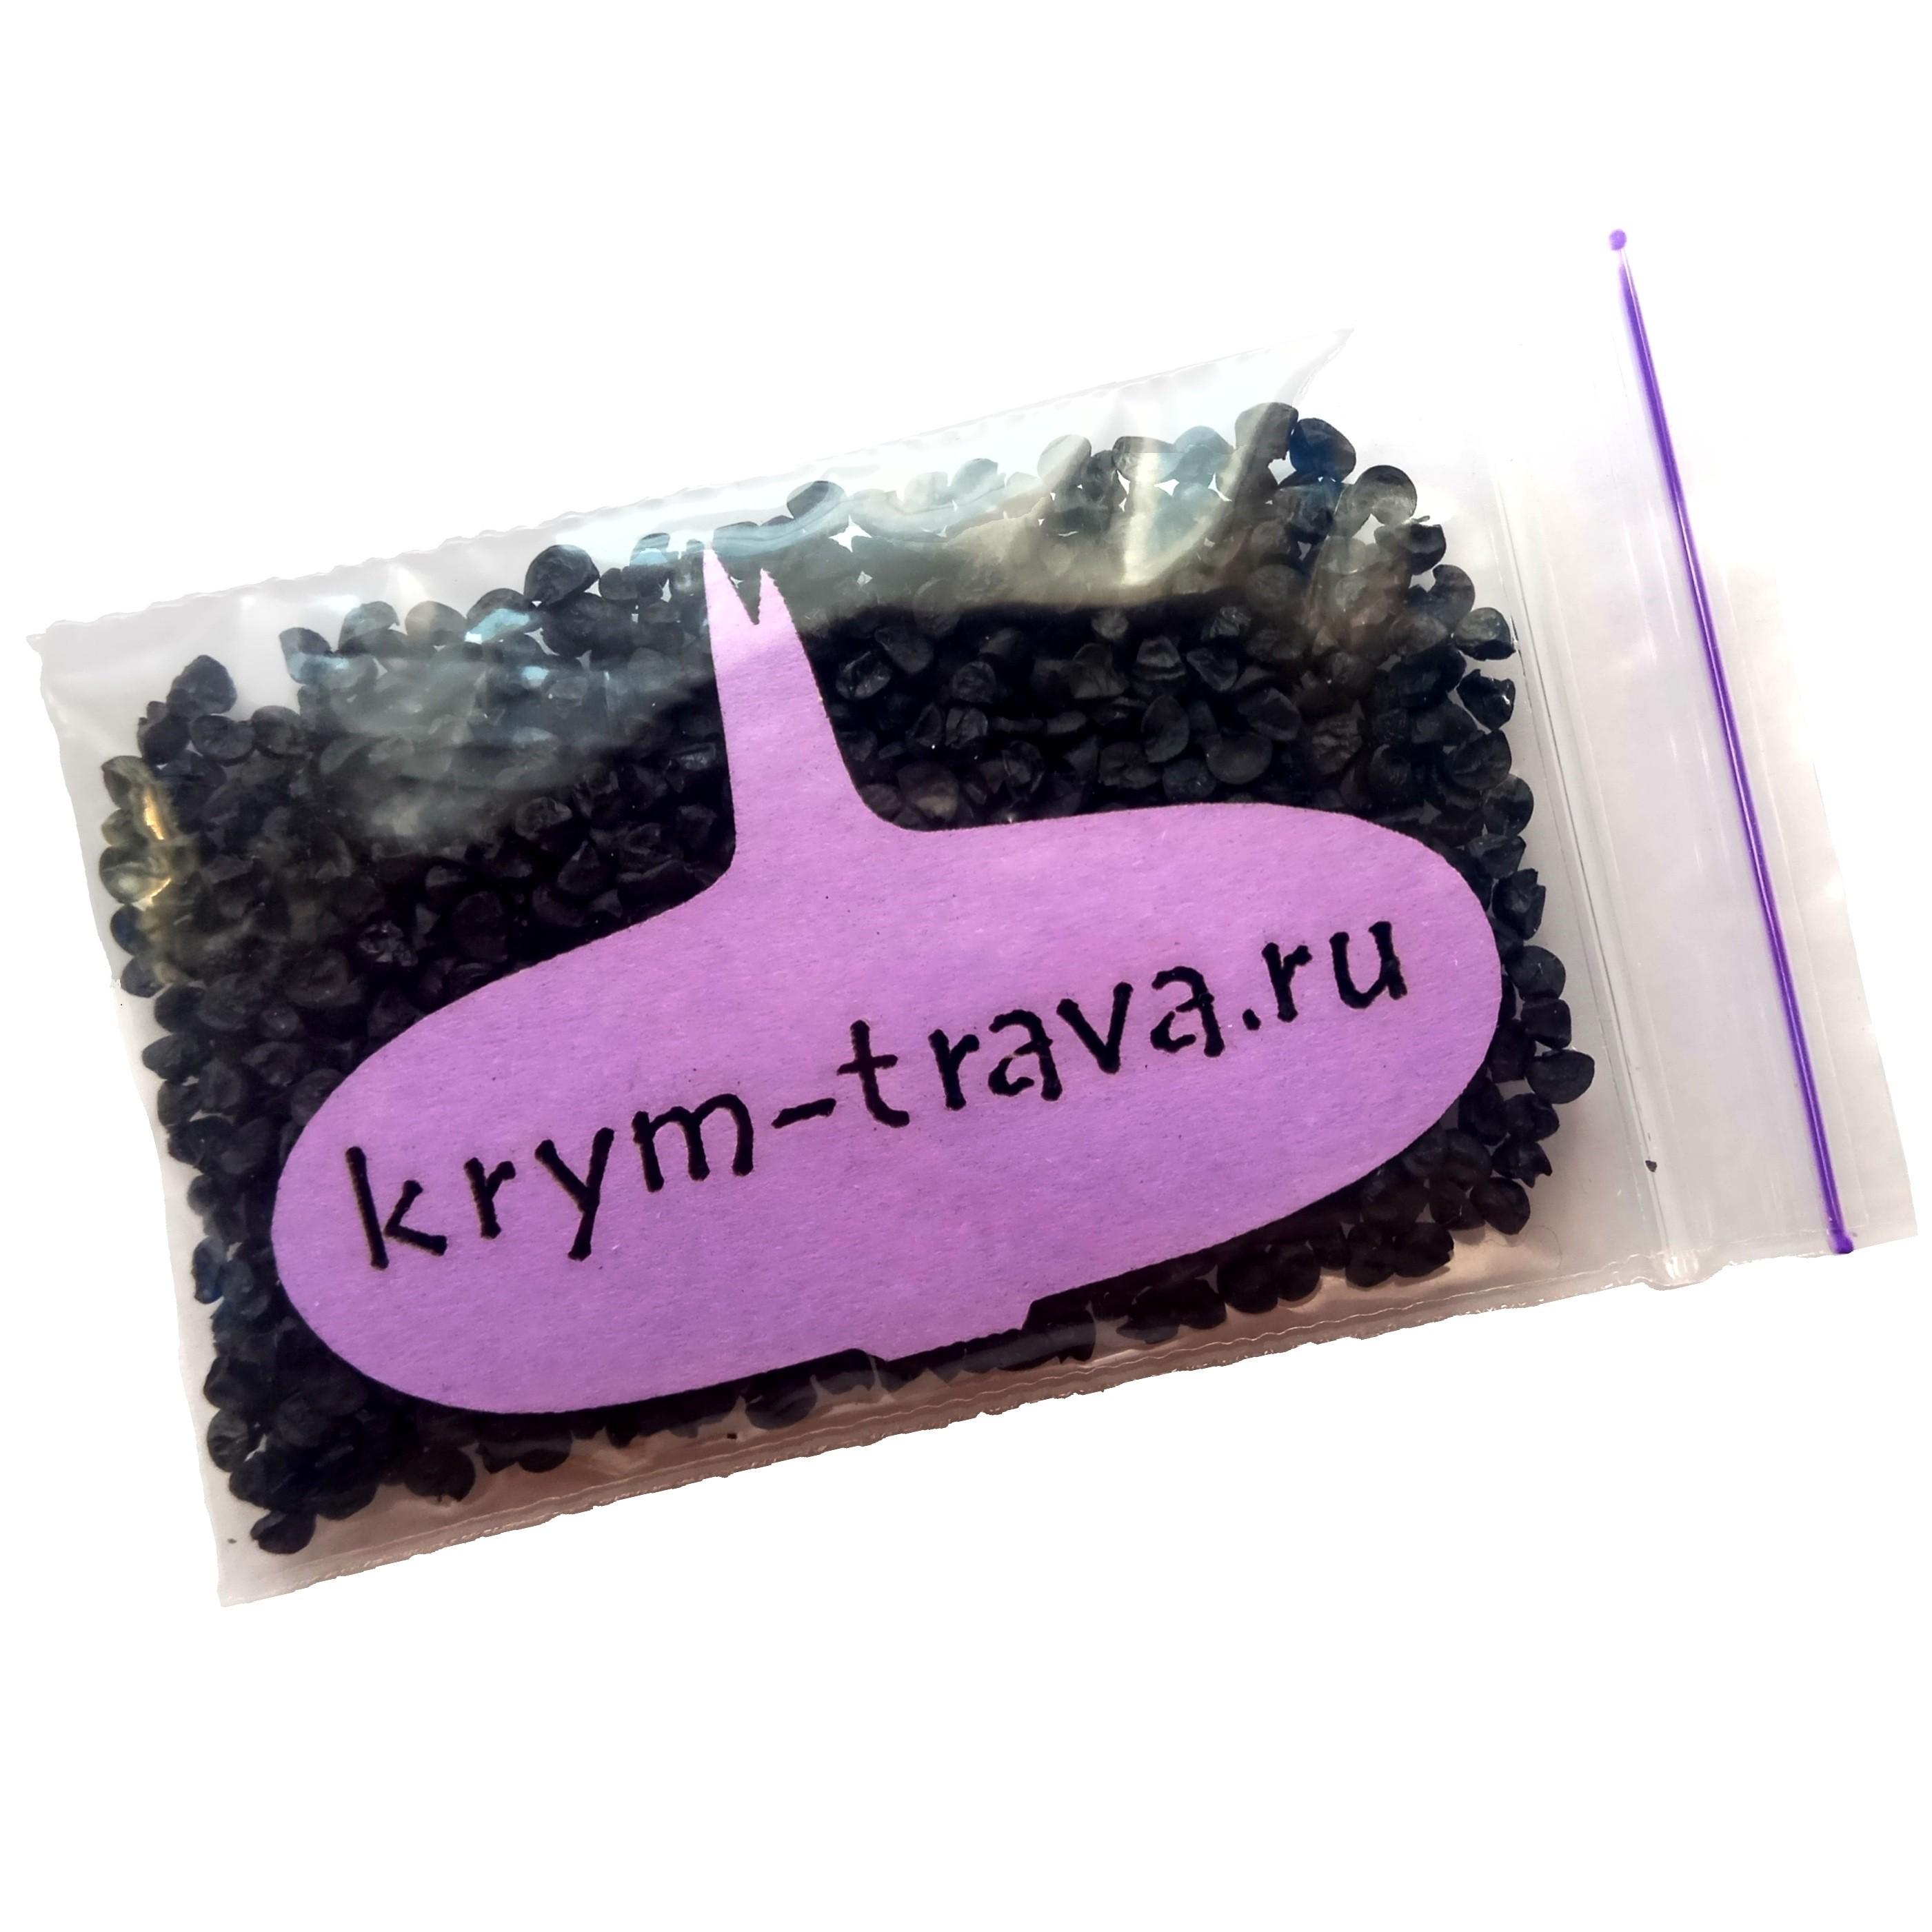 семена настоящего ялтинского сладкого лука купить в интернет-магазине Крым-трава